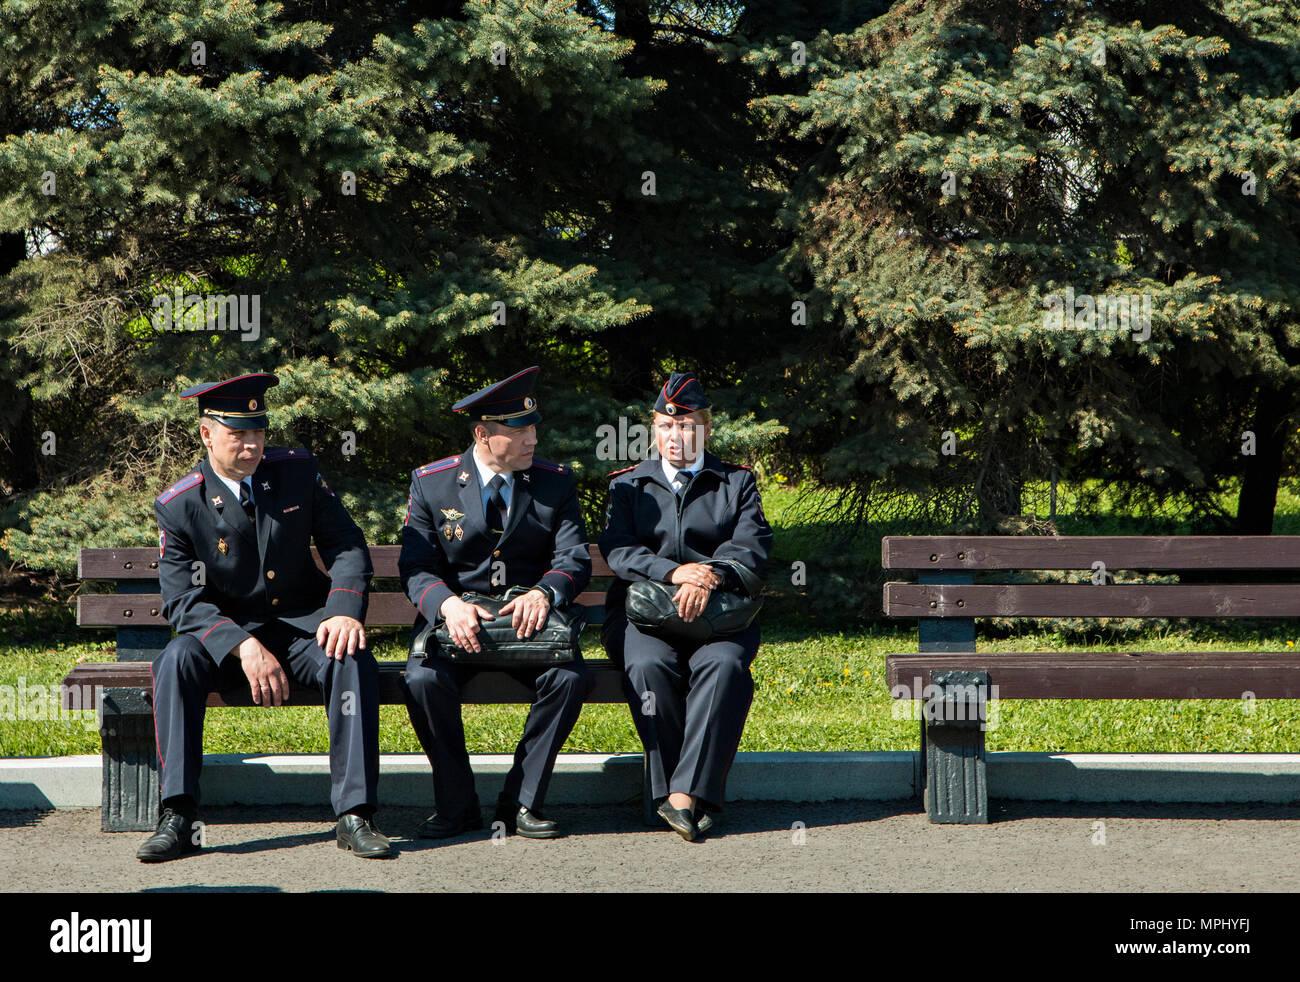 Mosca Russia, 9 Maggio 2018: poliziotti seduti su una panchina nel giorno di sole Immagini Stock